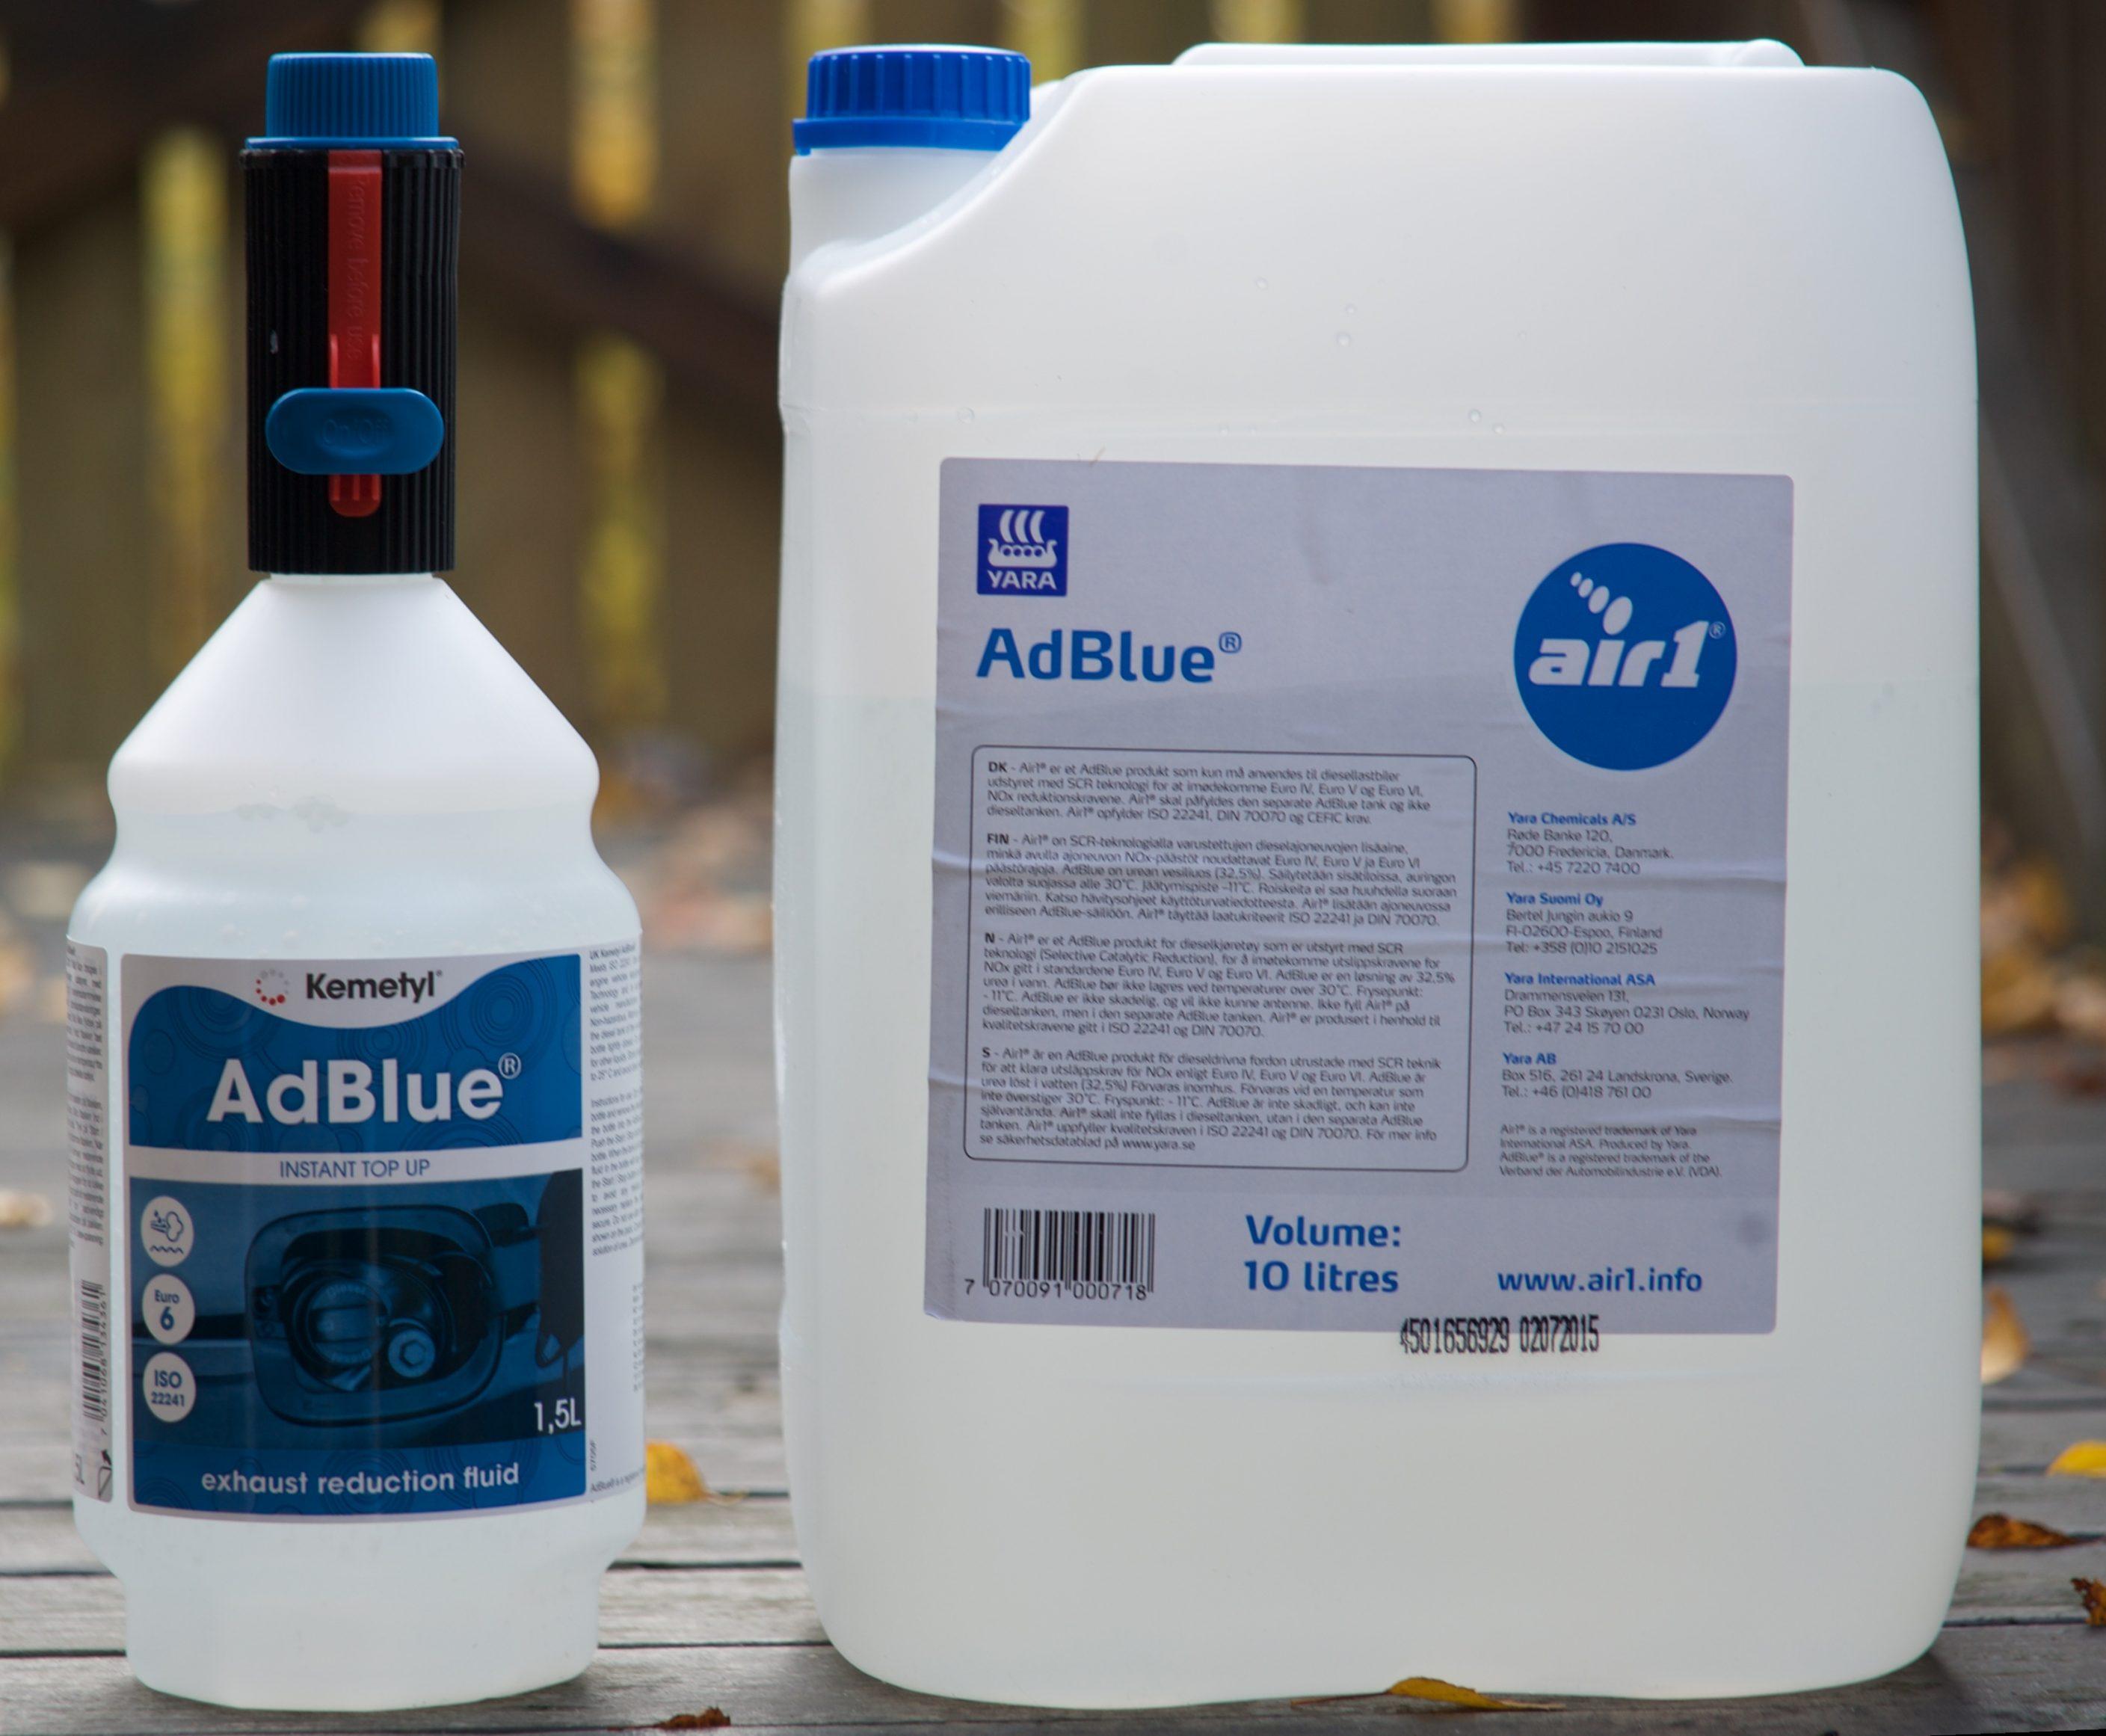 Adblue container